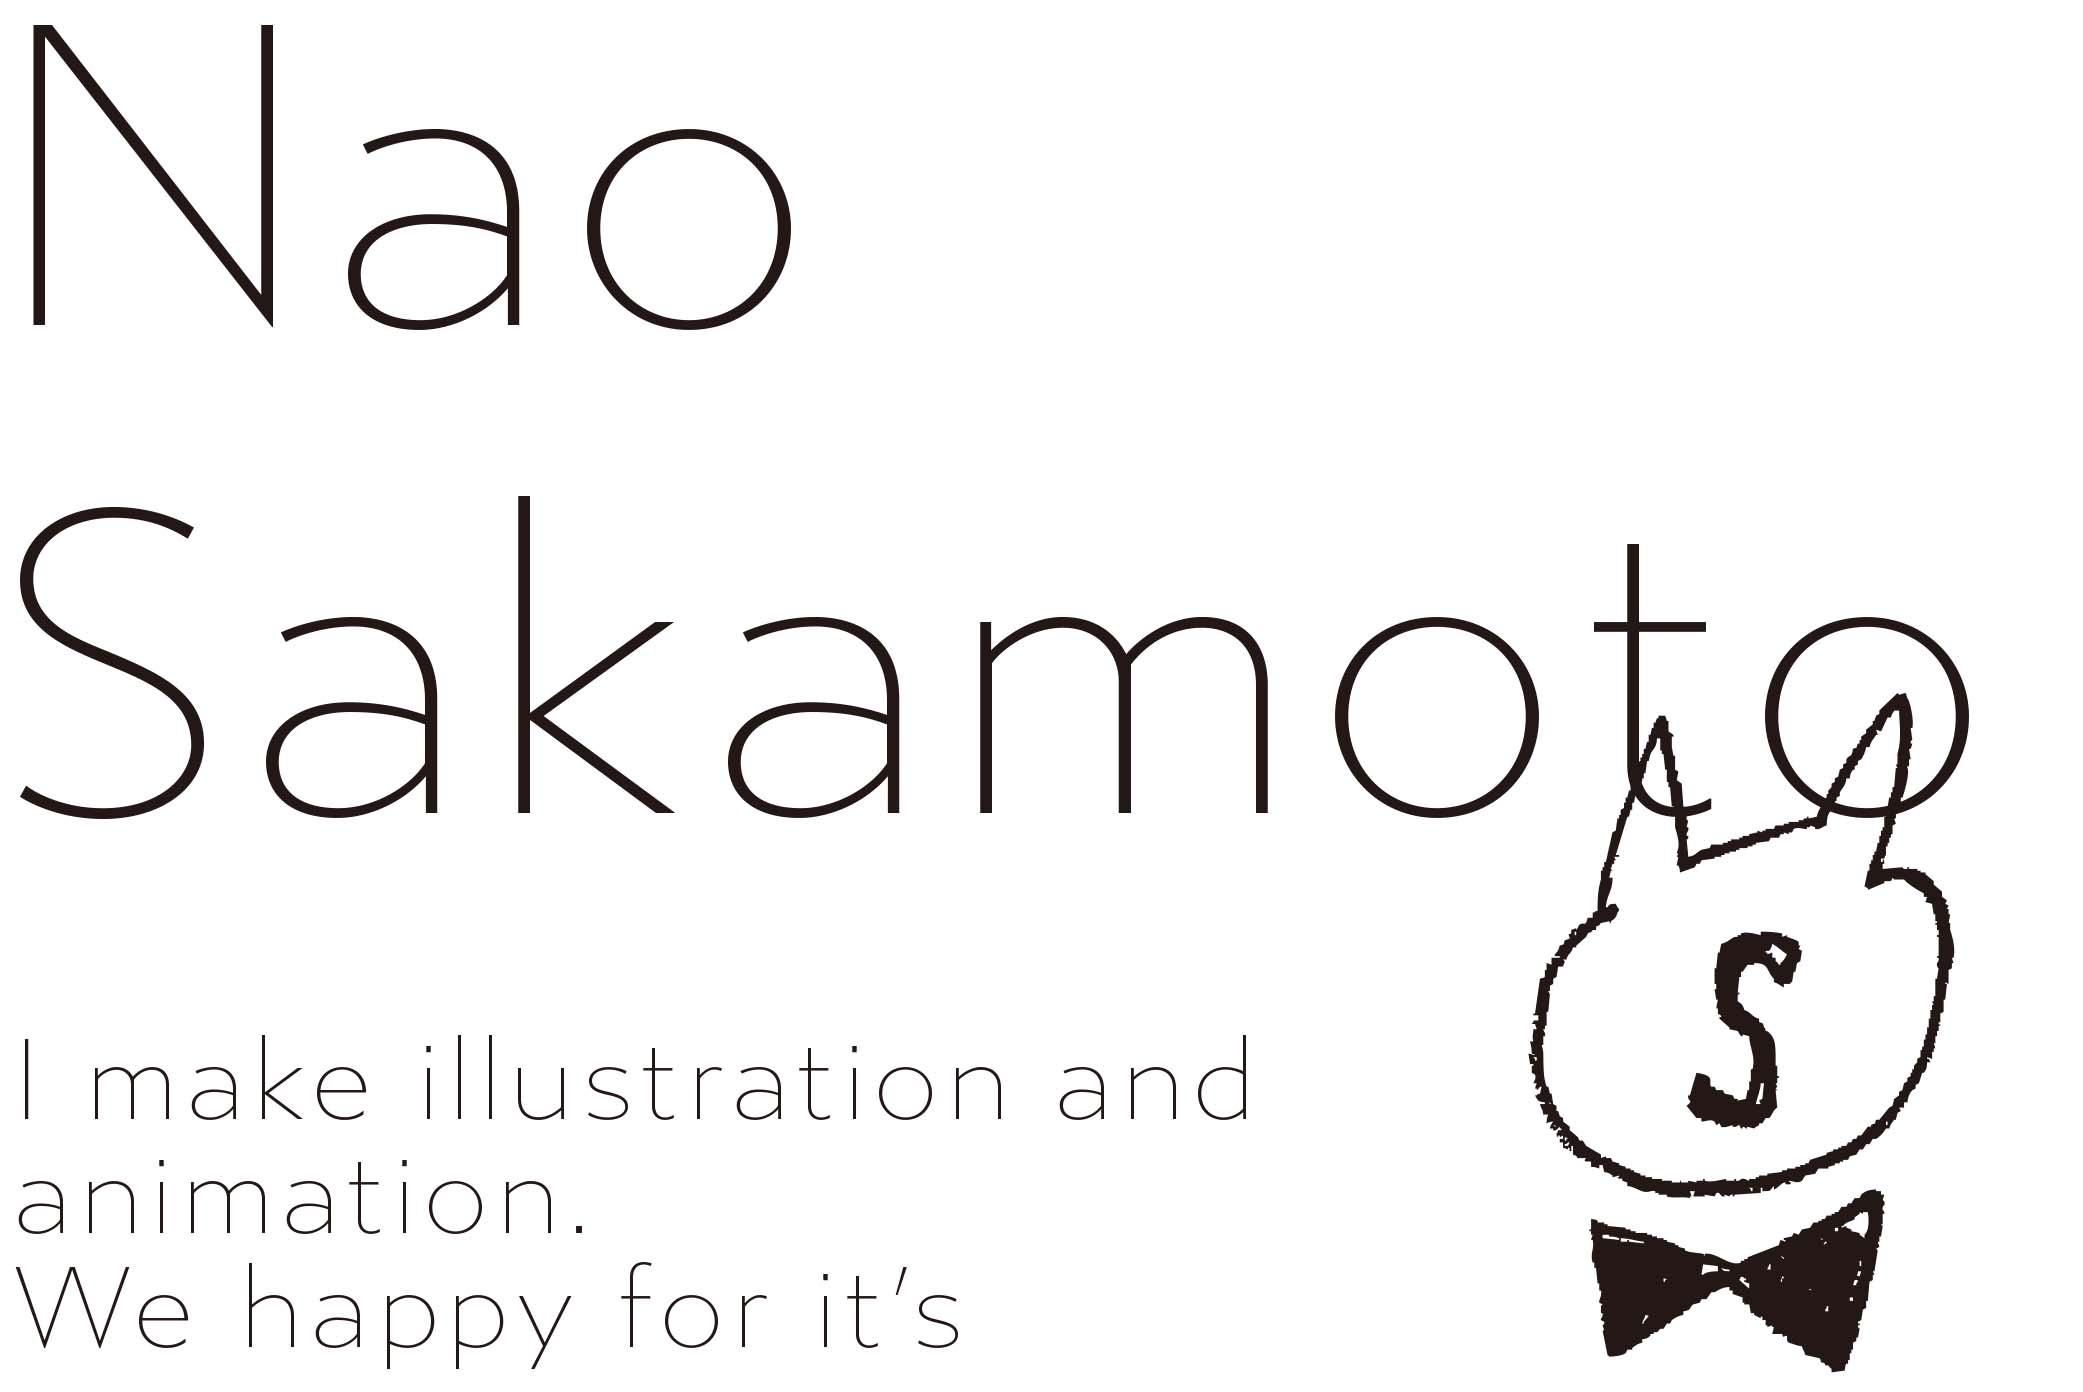 naosakamoto illustration